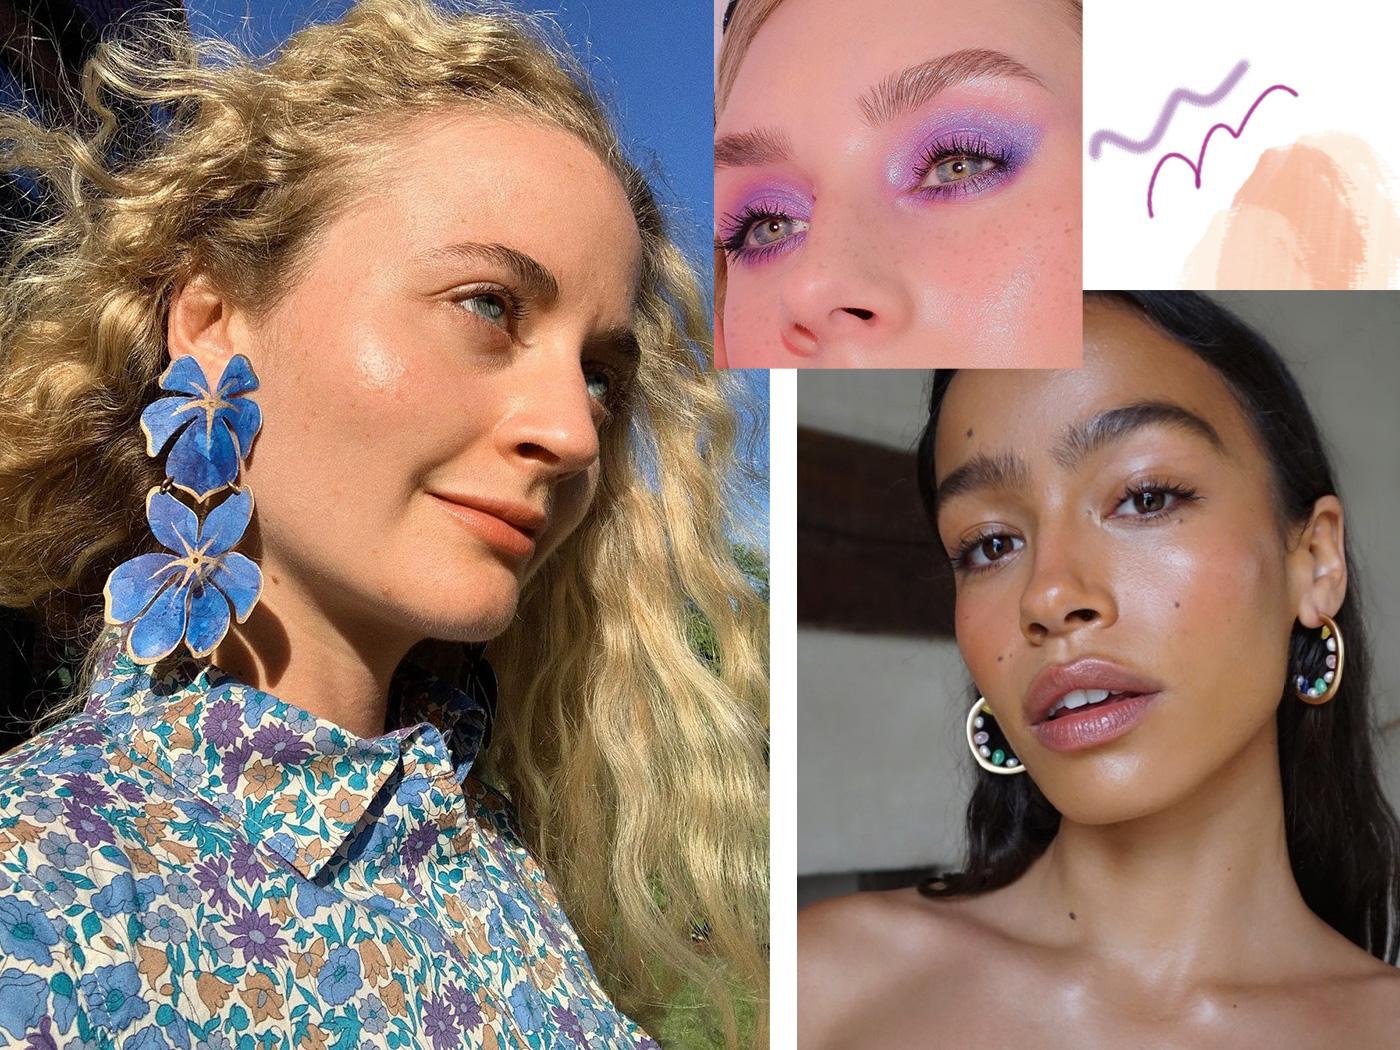 Τρία makeup trend που πρέπει οπωσδήποτε να υιοθετήσεις μέχρι το τέλος του καλοκαιριού!